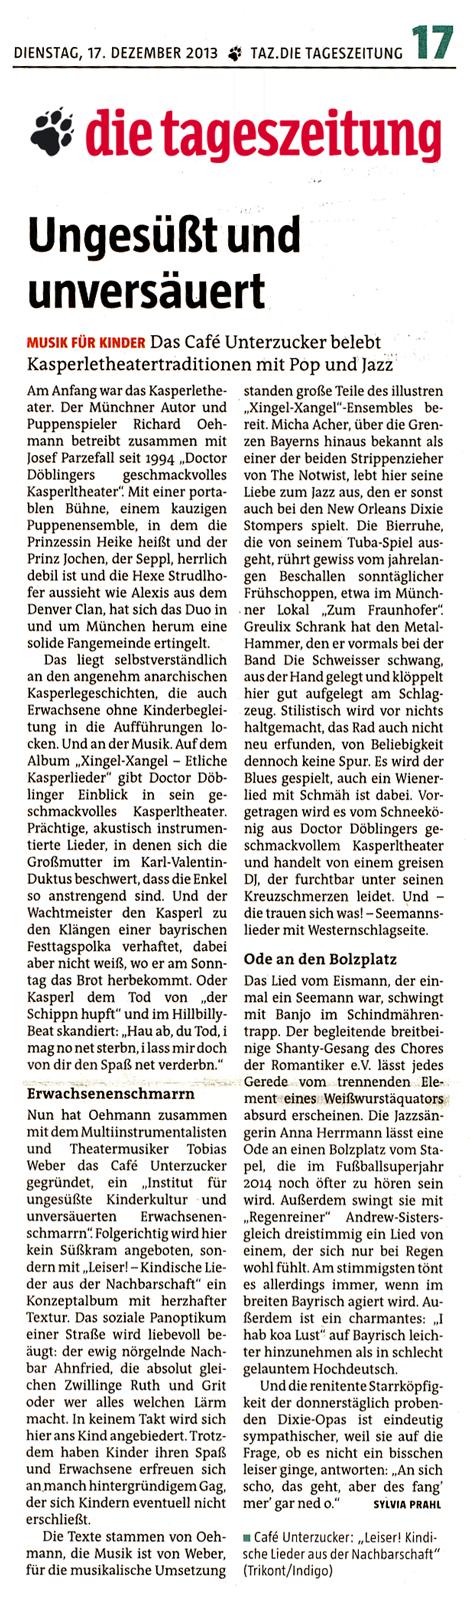 0457_Unterzucker_TAZ